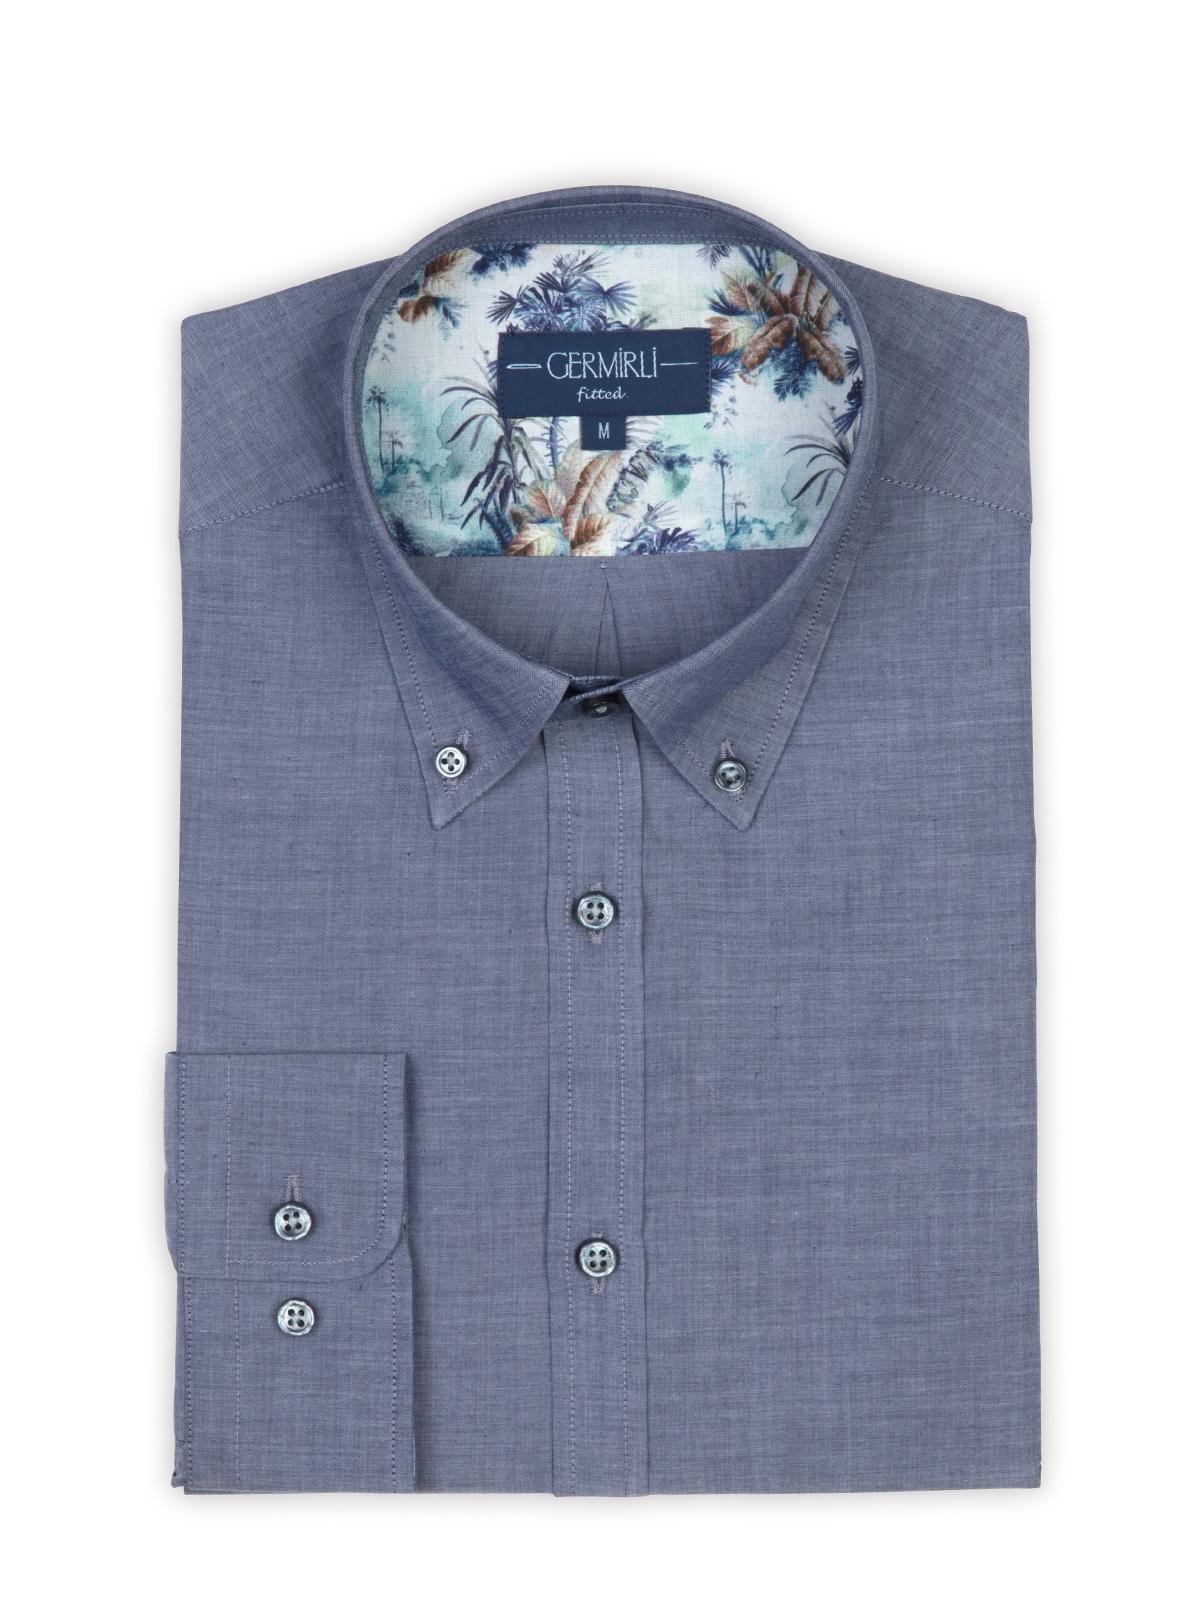 Germirli Mavi İndigo Tropical Detaylı Düğmeli Yaka Tailor Fit Gömlek